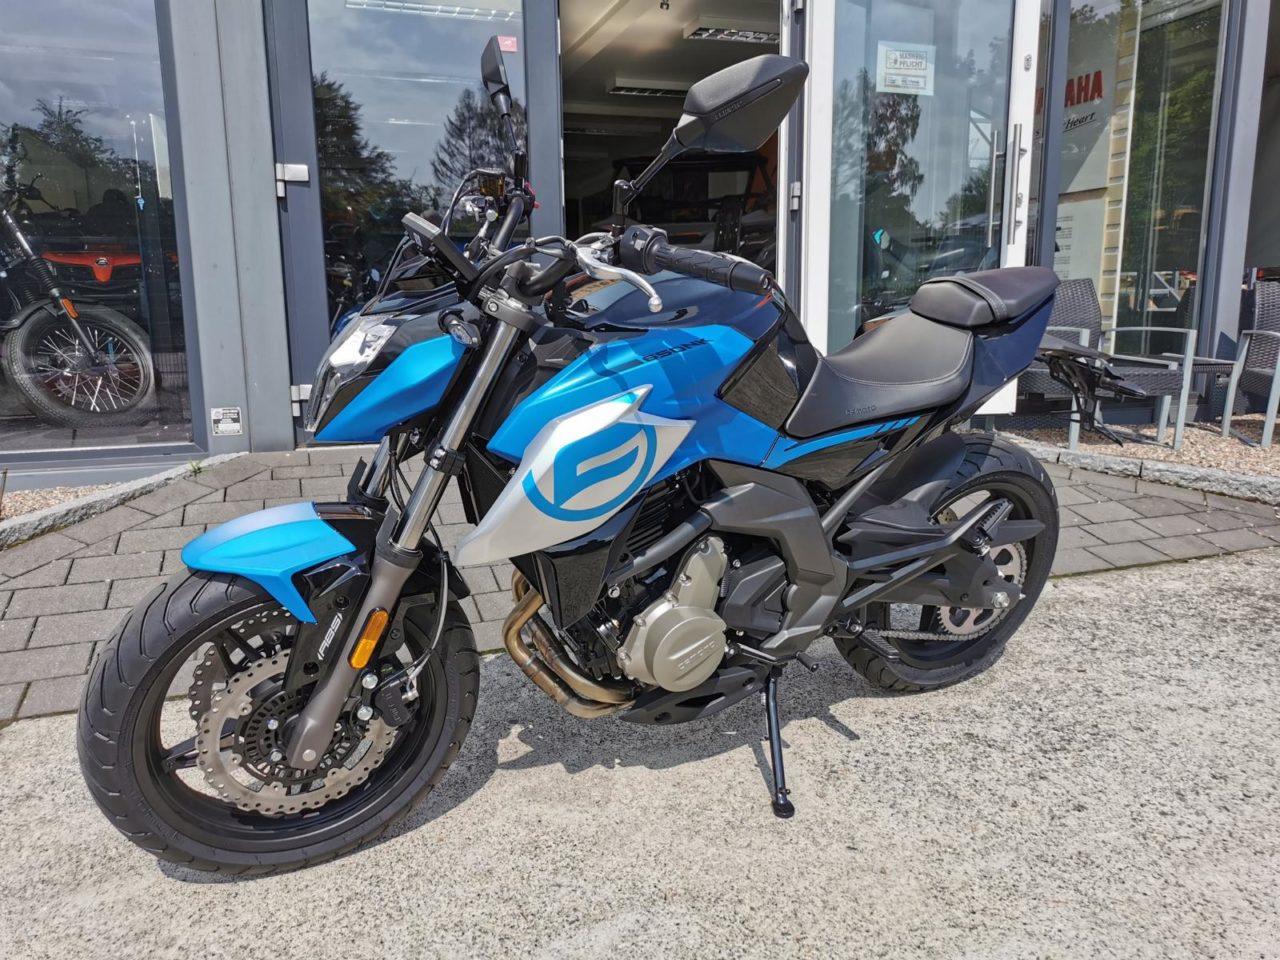 Motorrad, Naked Bike CF Moto 650 NK, ABS, Euro 5 Modell 2021